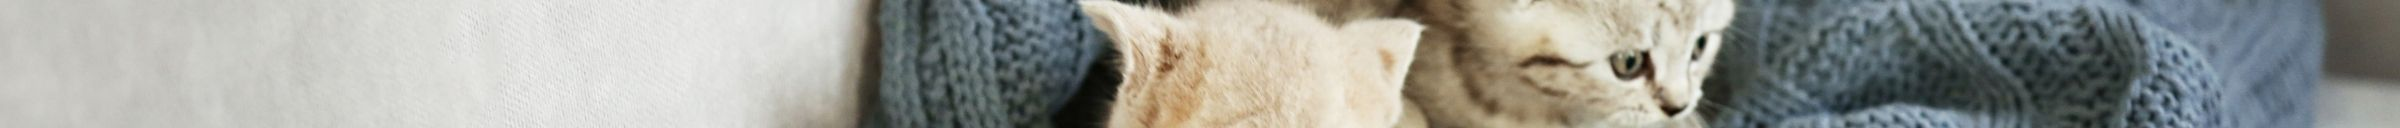 kintone ポータル スペース カバー画像(猫シリーズ)136